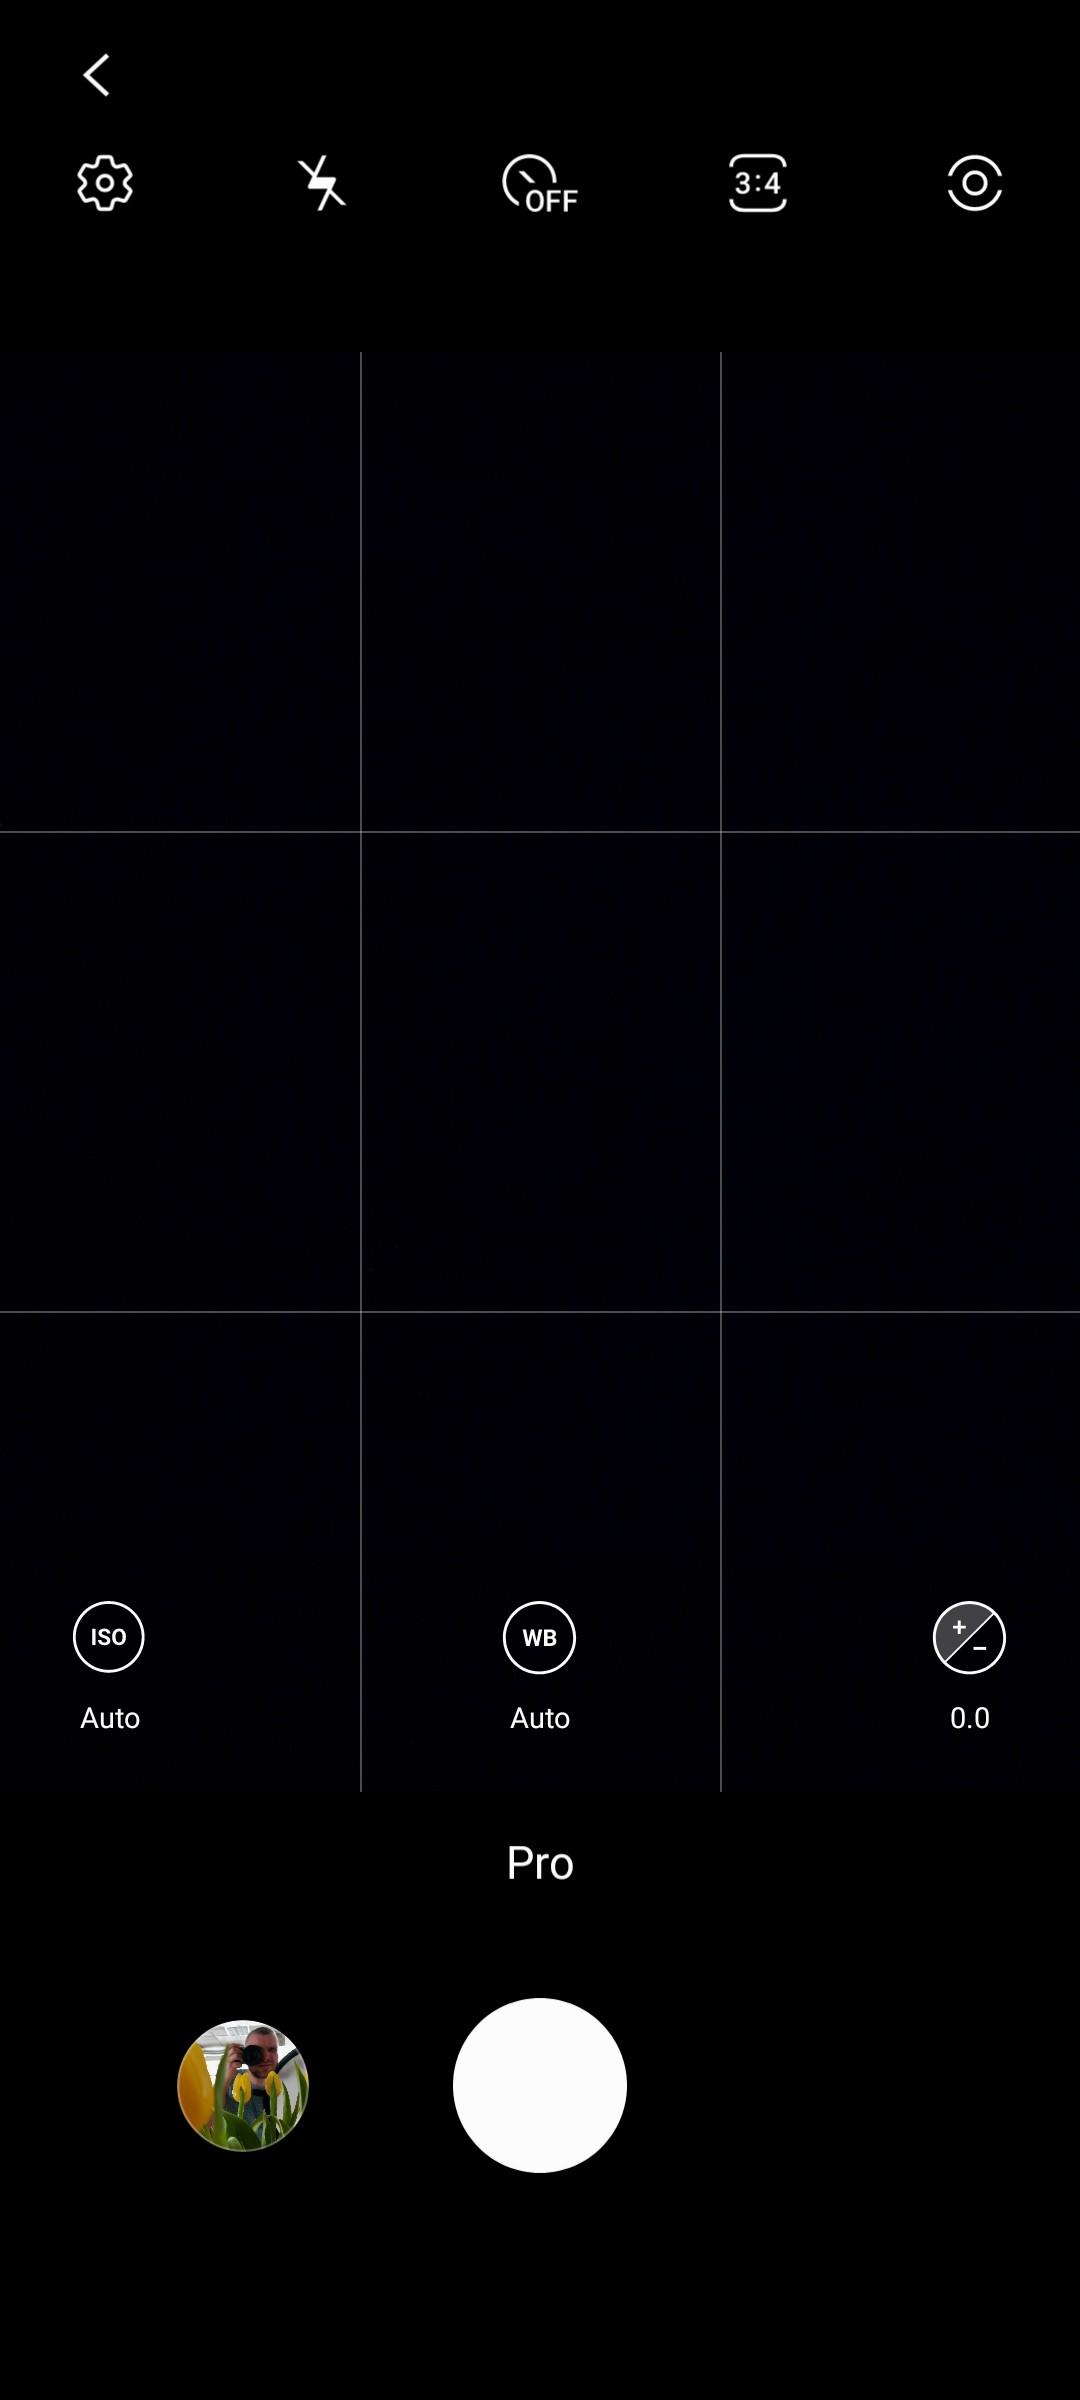 روکیدا - نقد و بررسی کامل گوشی گلکسی اس 10 لایت سامسونگ: سبک ولی قهرمان سنگین وزن! - سامسونگ, سامسونگ گلکسی S, نقد و بررسی, نقد و بررسی گوشی موبایل, گلکسی اس 10 لایت, گوشی های هوشمند, گوشی هوشمند